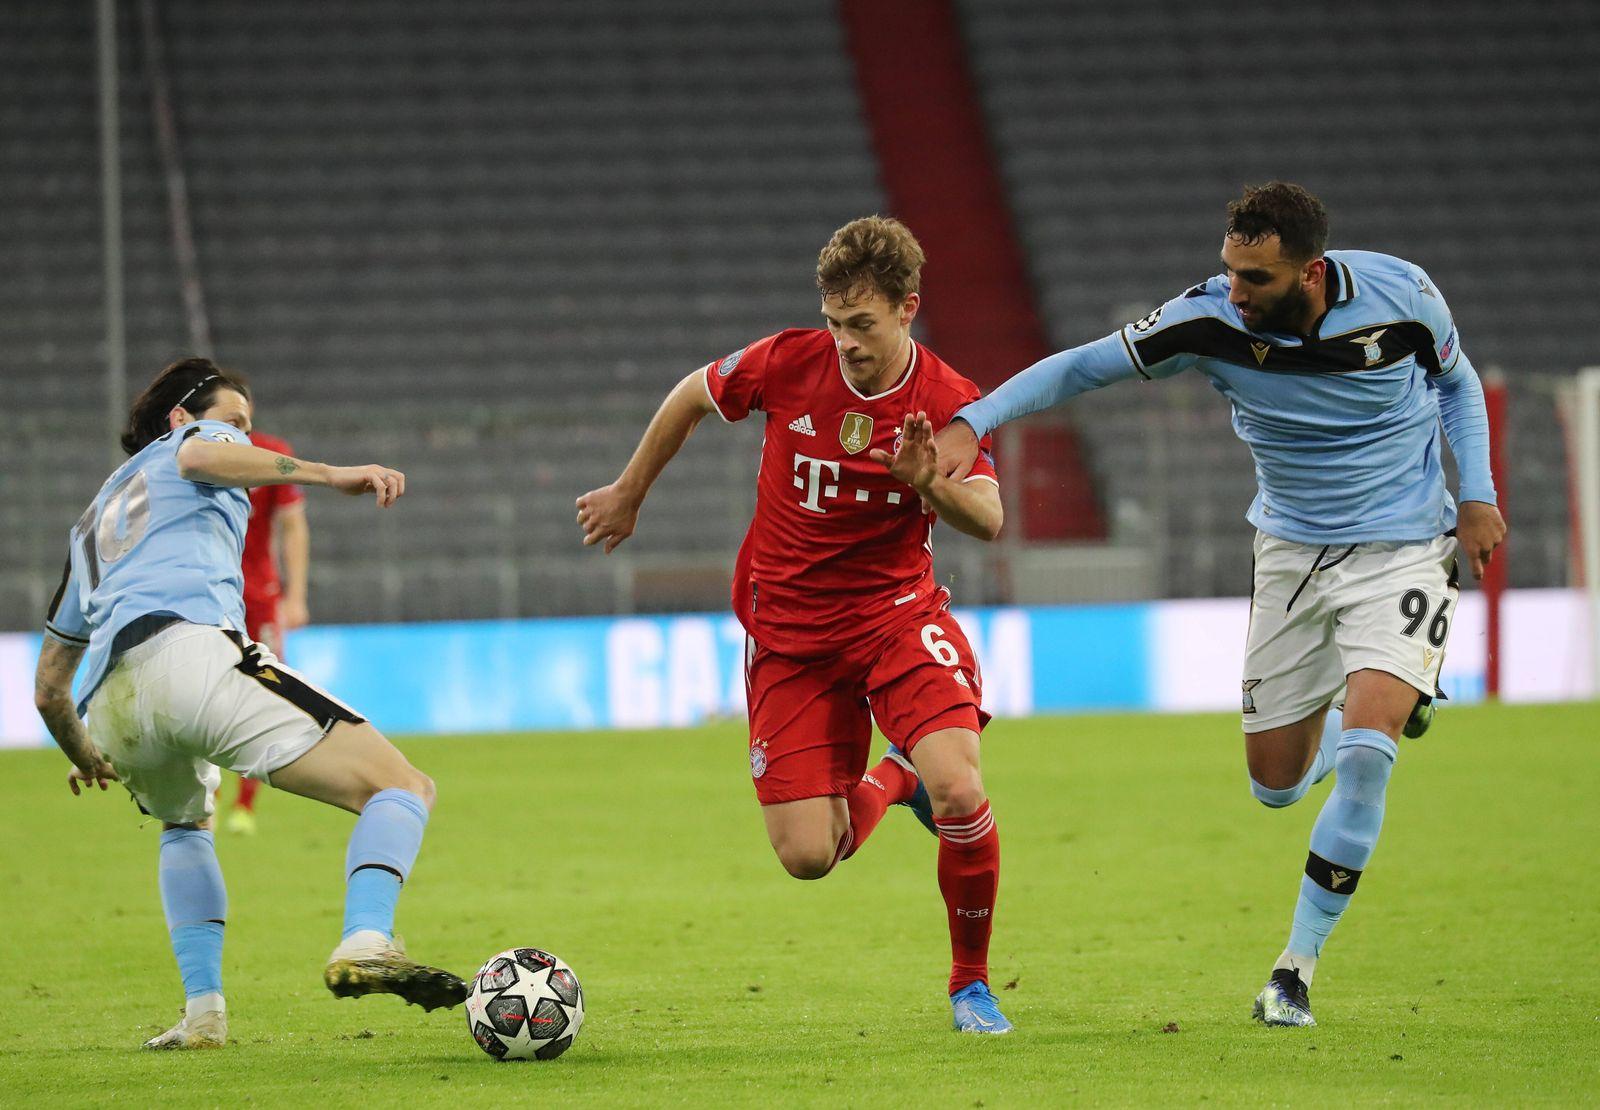 Champions-League: FC Bayern München vs. S.S.Lazio von links: Luis Alberto, Joshua Kimmich und Mohamed Fares München Baye